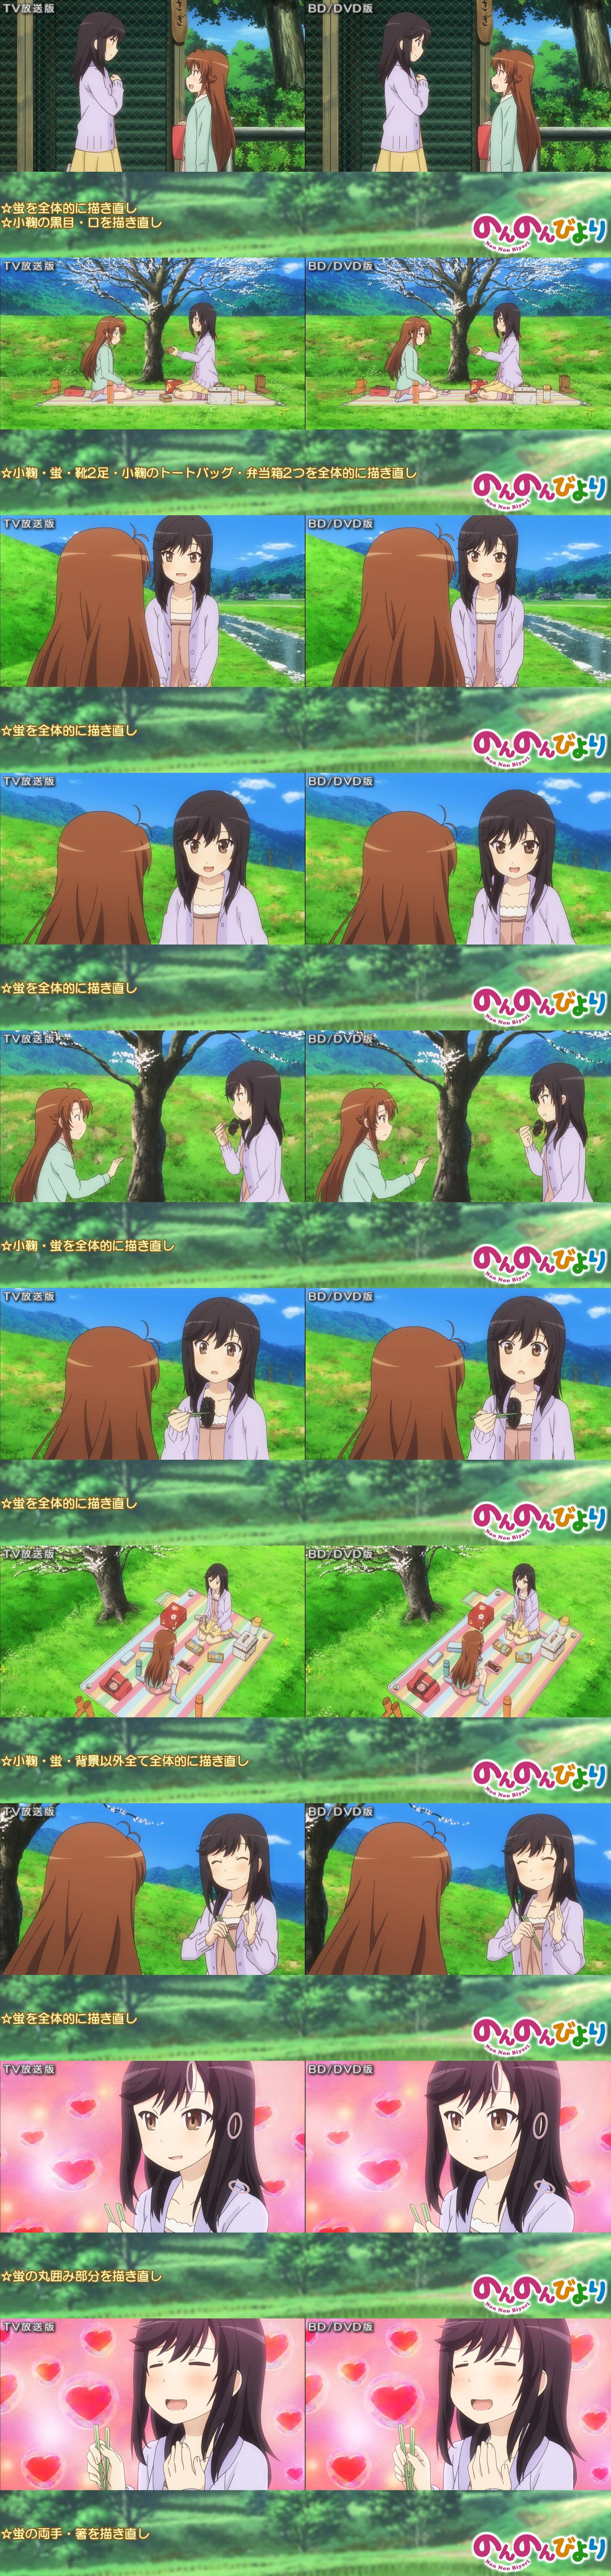 Non-Non-Biyori-TV-and-Blu-ray-Comparisons-Episode-12-1